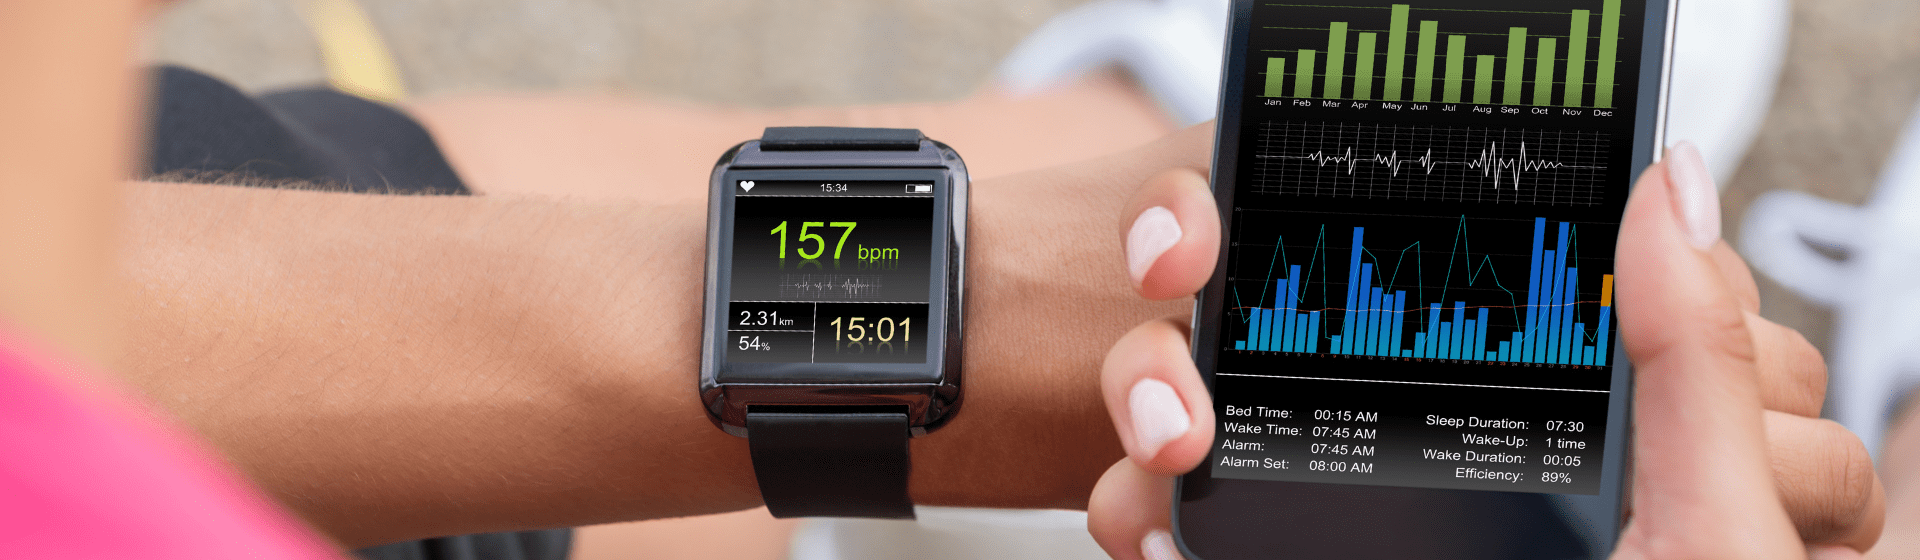 Melhor monitor cardíaco de 2021: 7 modelos para comprar